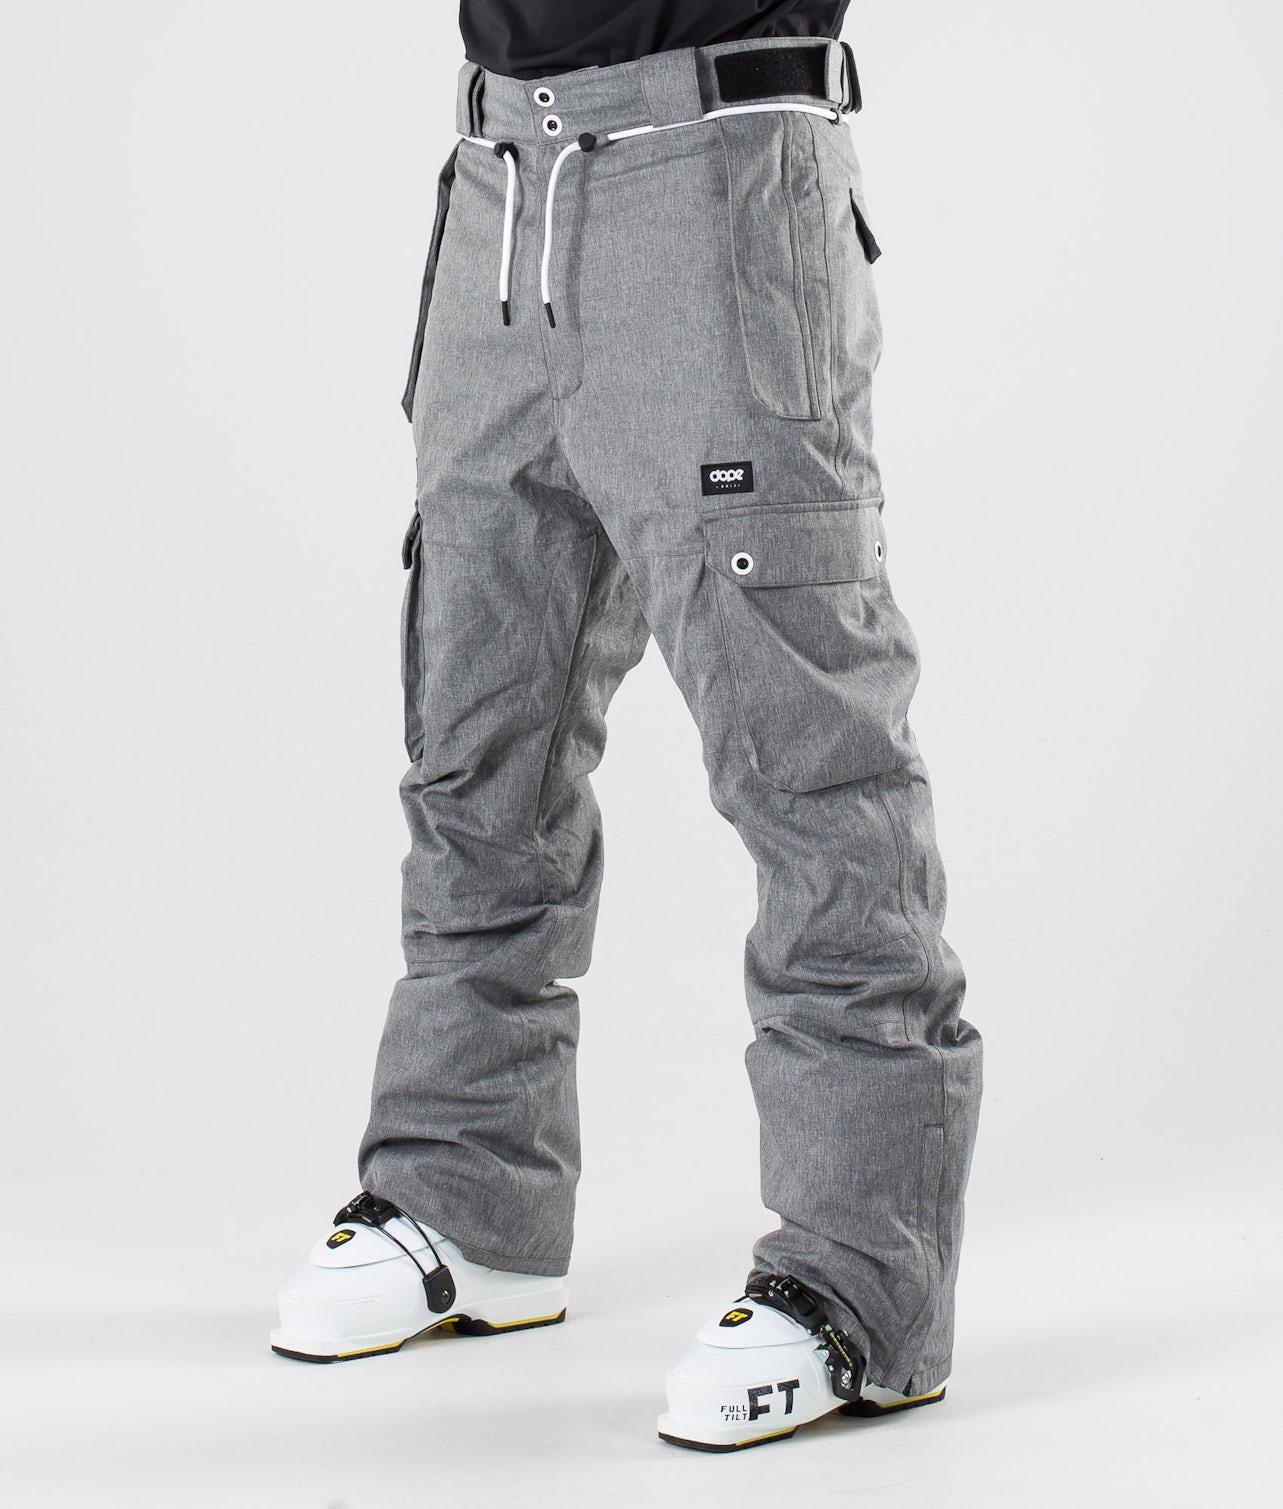 Dope Iconic Skibukse Grey Melange